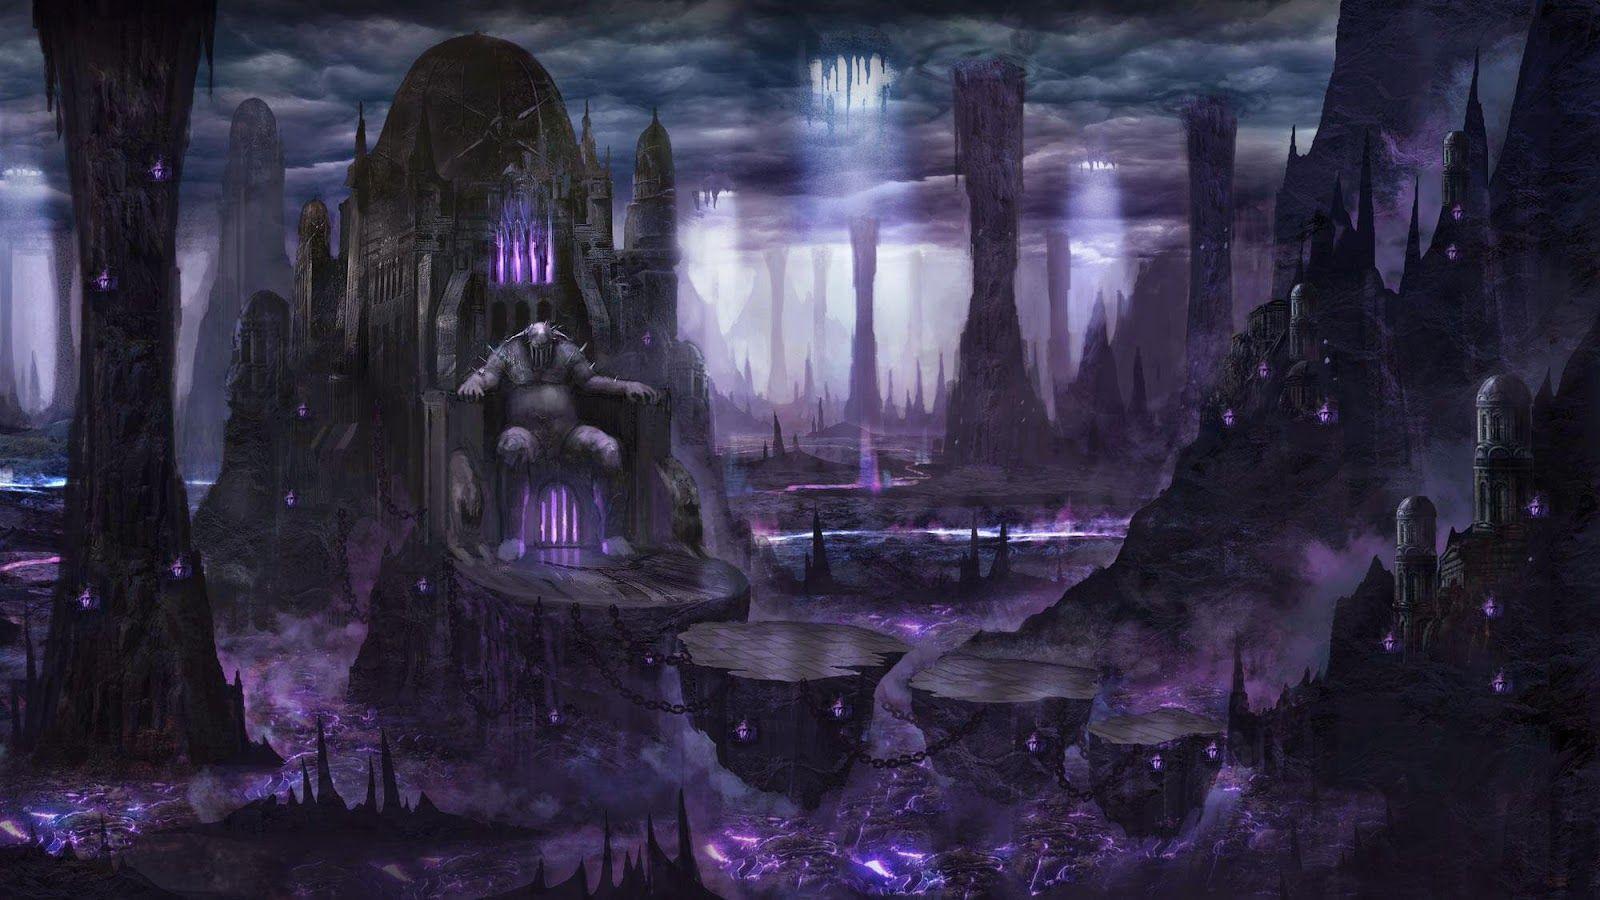 God Of War Landscape Wallpaper